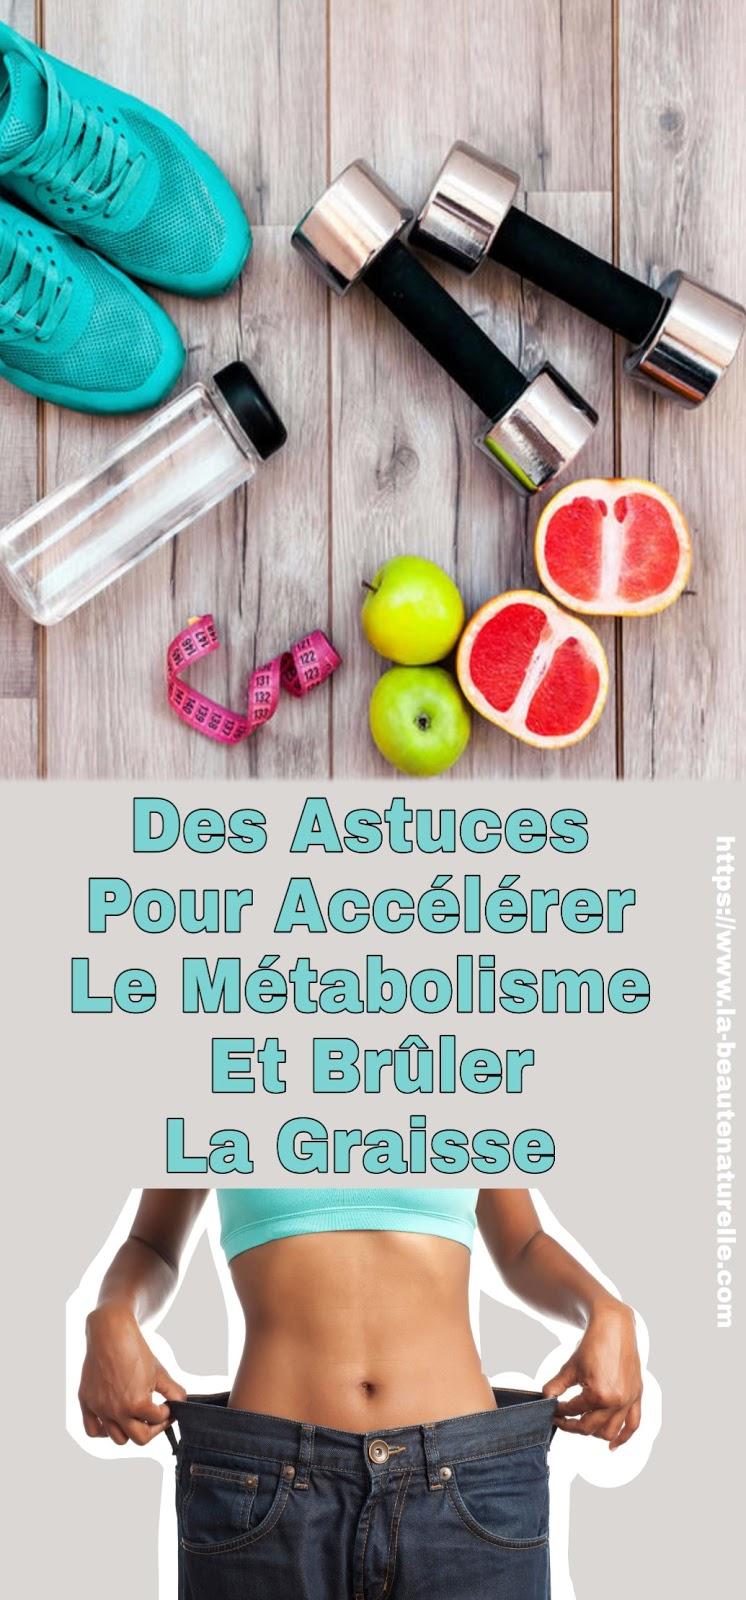 Des Astuces Pour Accélérer Le Métabolisme Et Brûler La Graisse